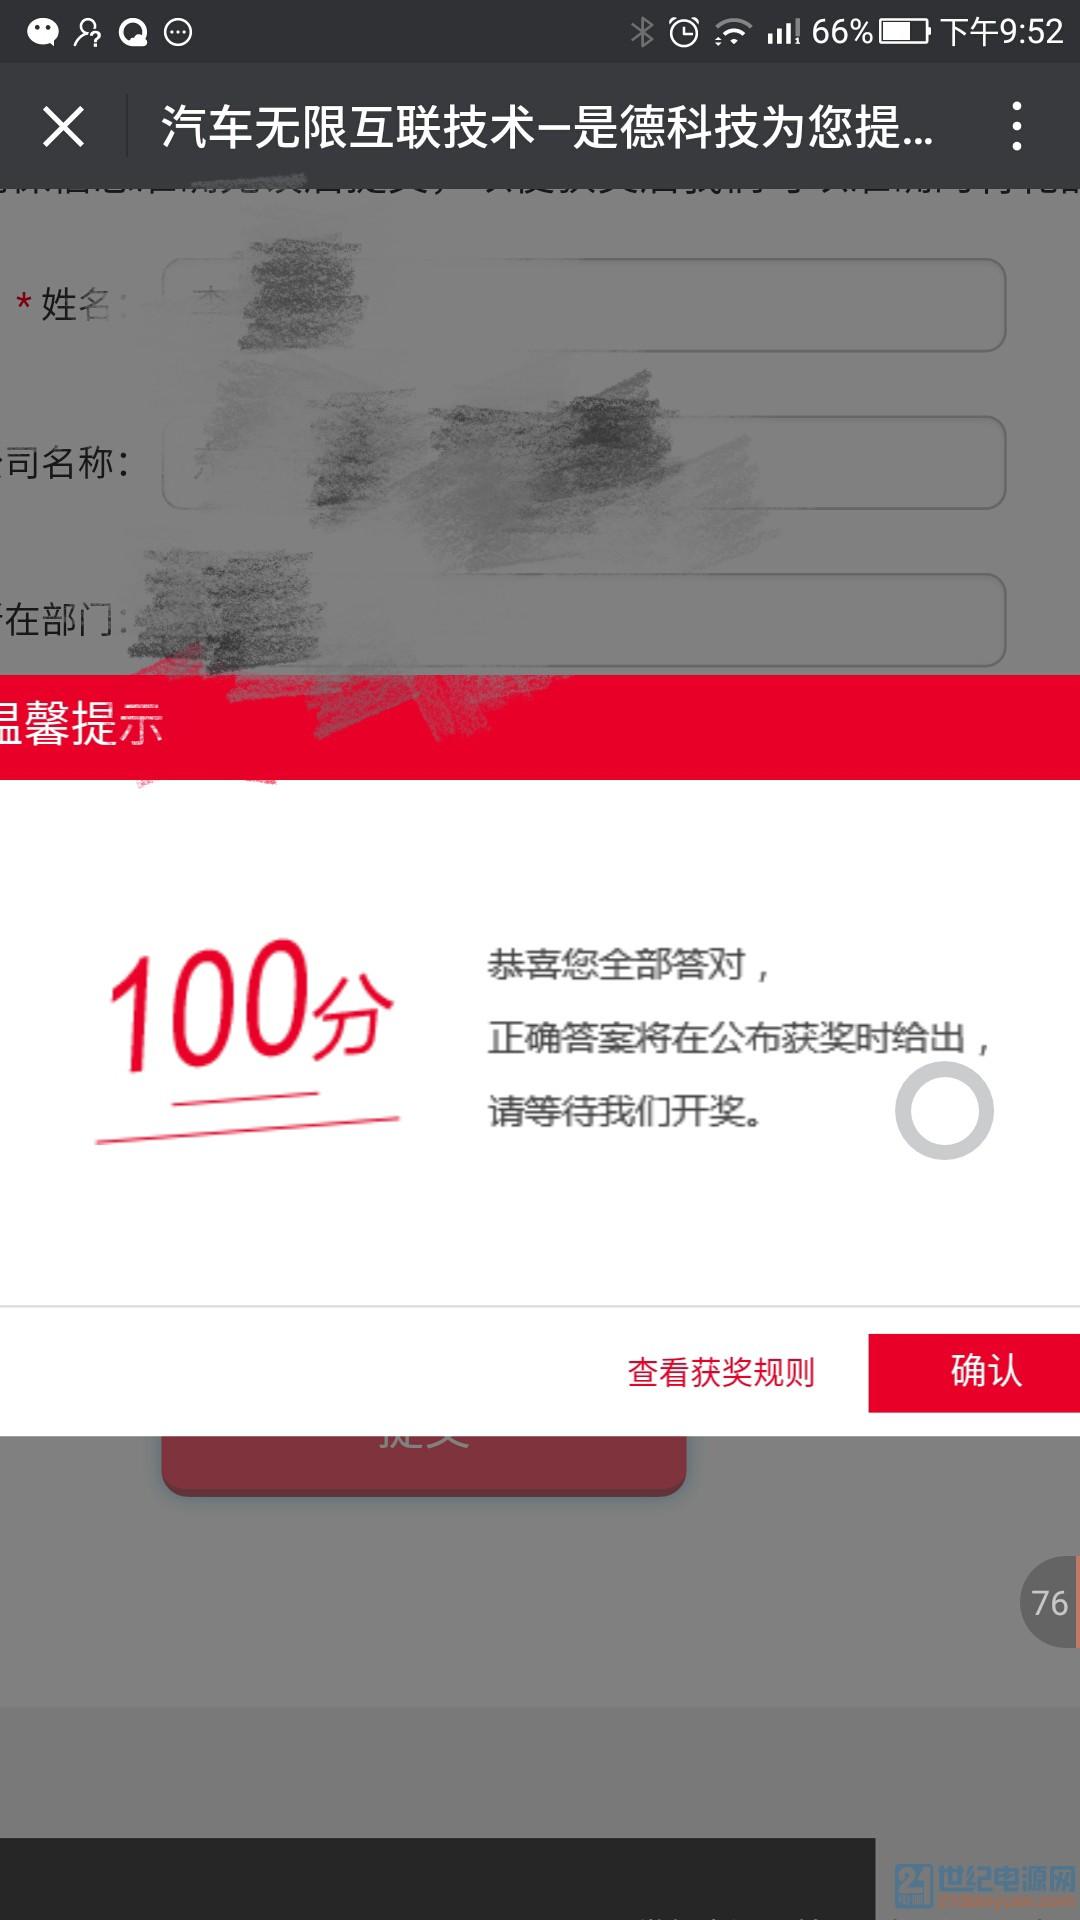 Screenshot_20170215-215207_mh1487166933175.jpg